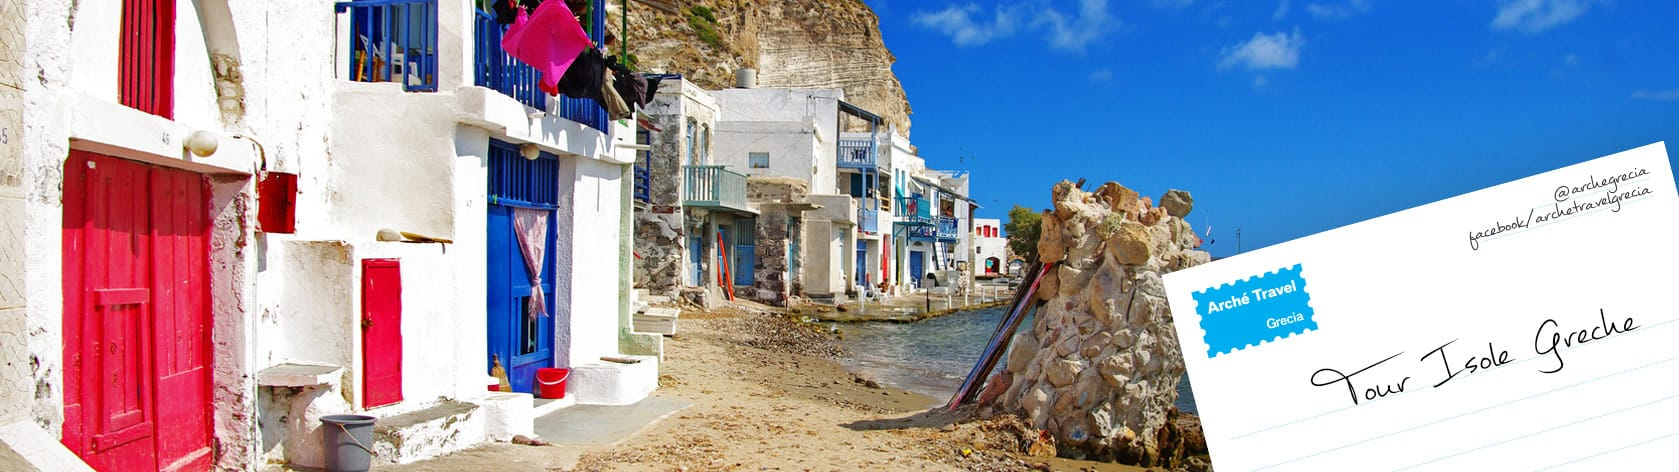 Tour Isole Greche - Mare Isole Greche Vacanze Isole Greche - Crociere Grecia - Island Hopping Grecia - Arché Travel - Tour Operator Grecia Mare